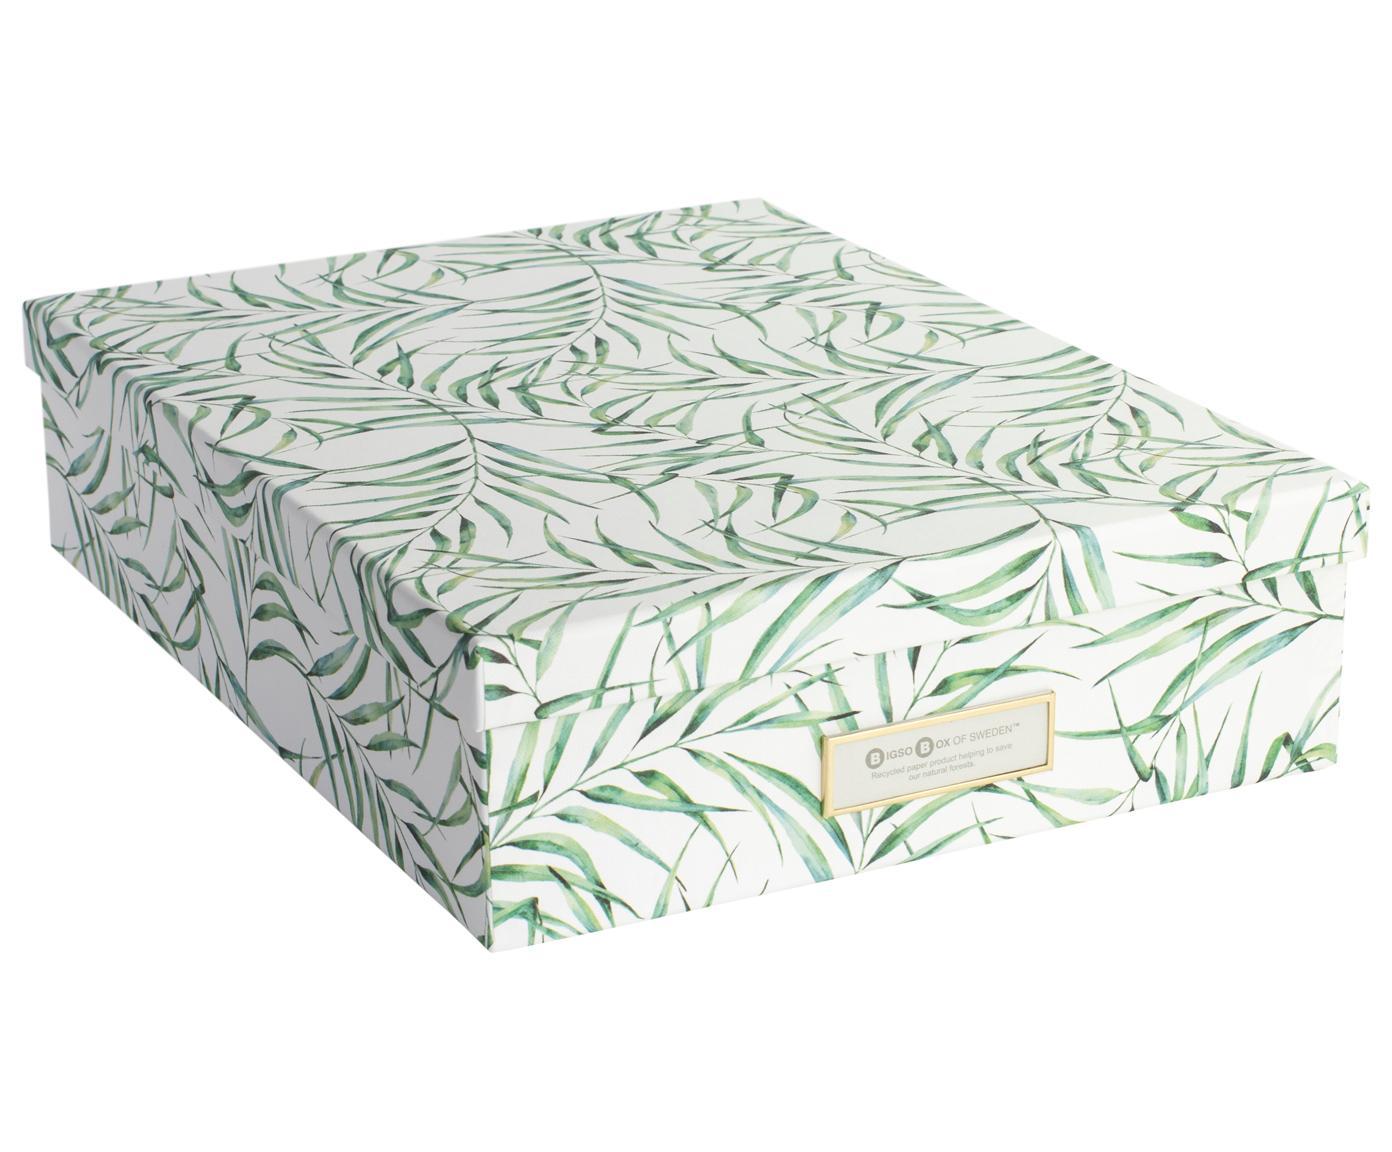 Pudełko do przechowywania Leaf, Tektura laminowana, Biały, zielony, S 35 x W 9 cm